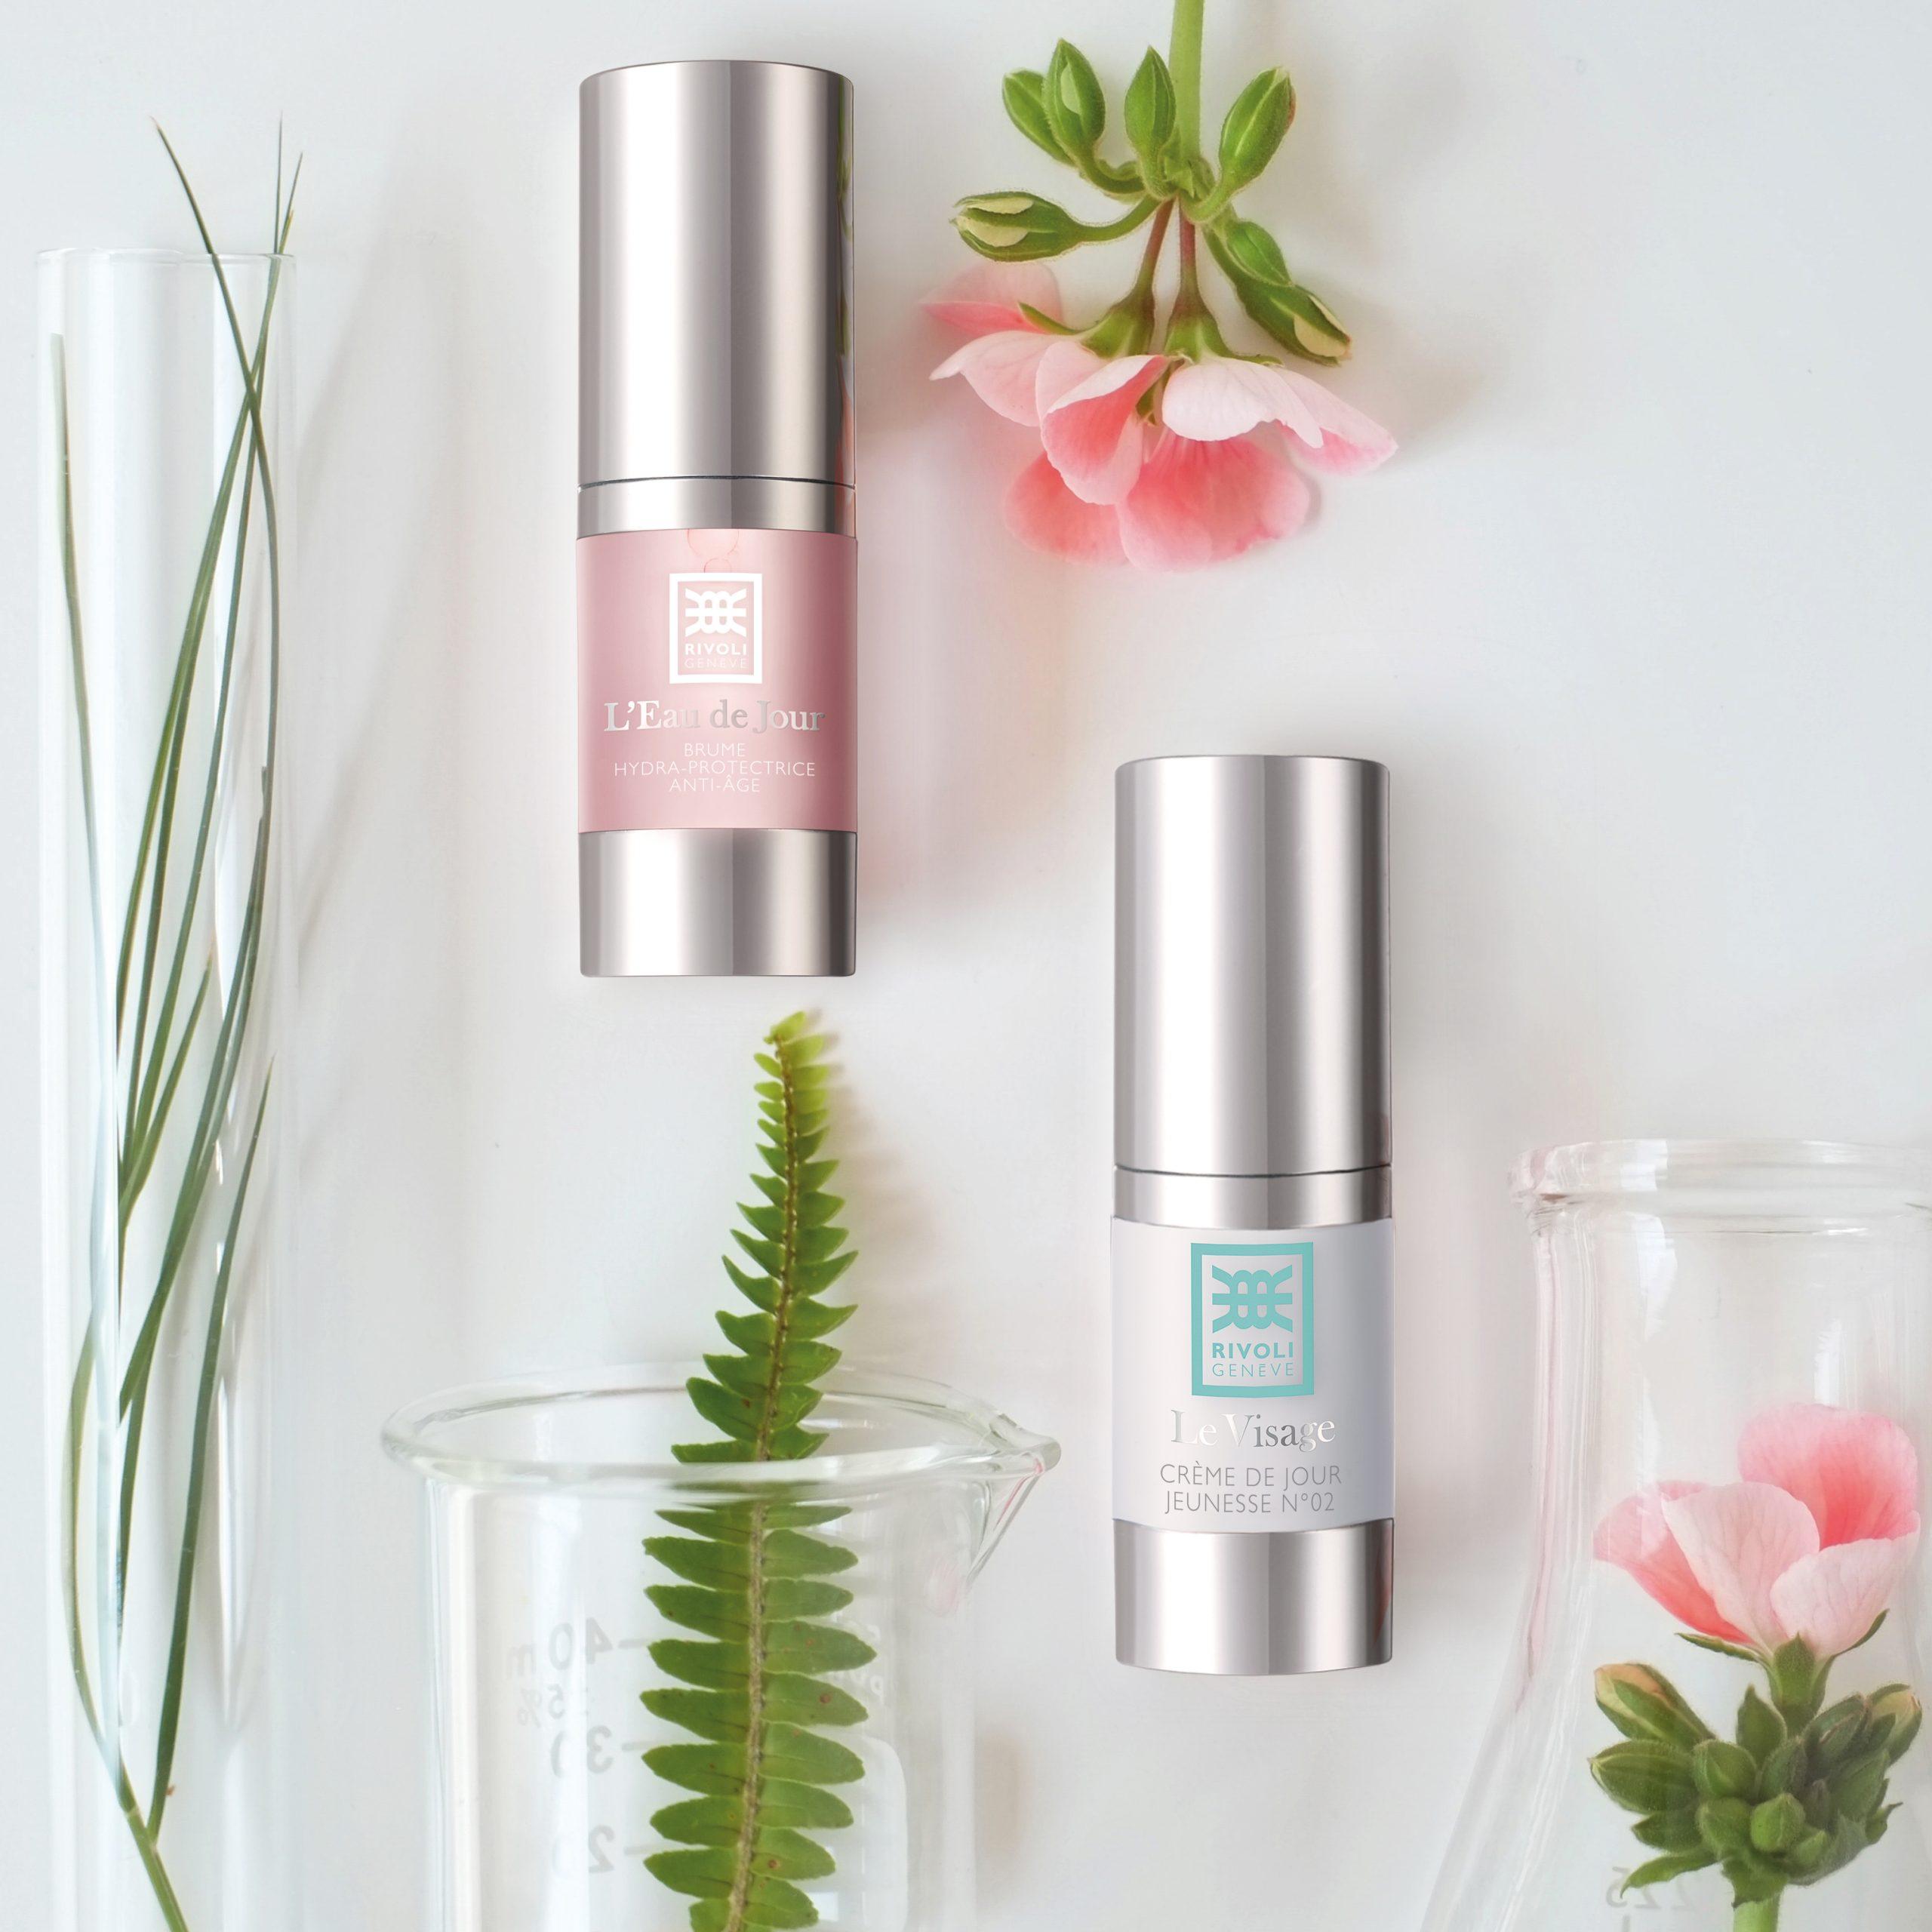 Kosmetikprodukte von RIVOLI jetzt bei hautnah Kosmetik in Haan erhältlich